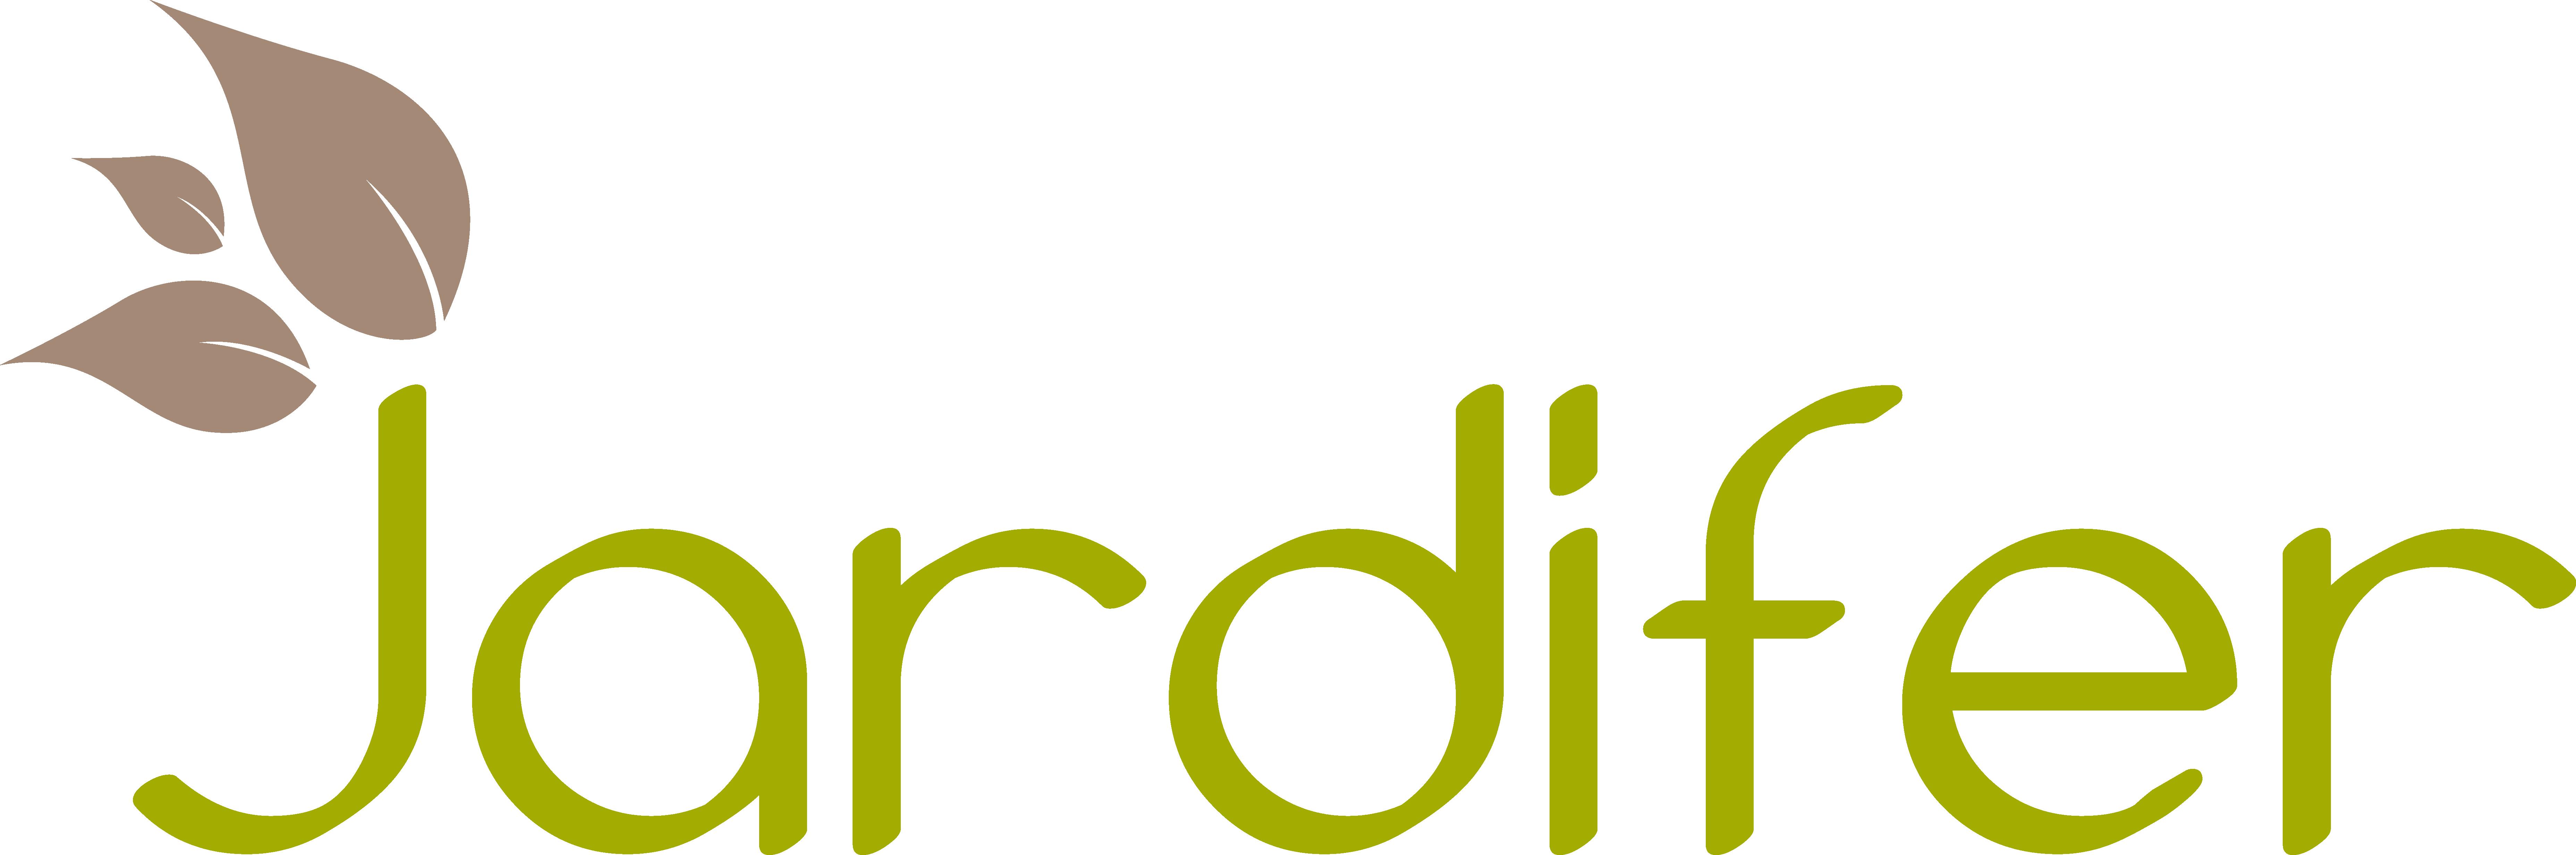 Jardifer